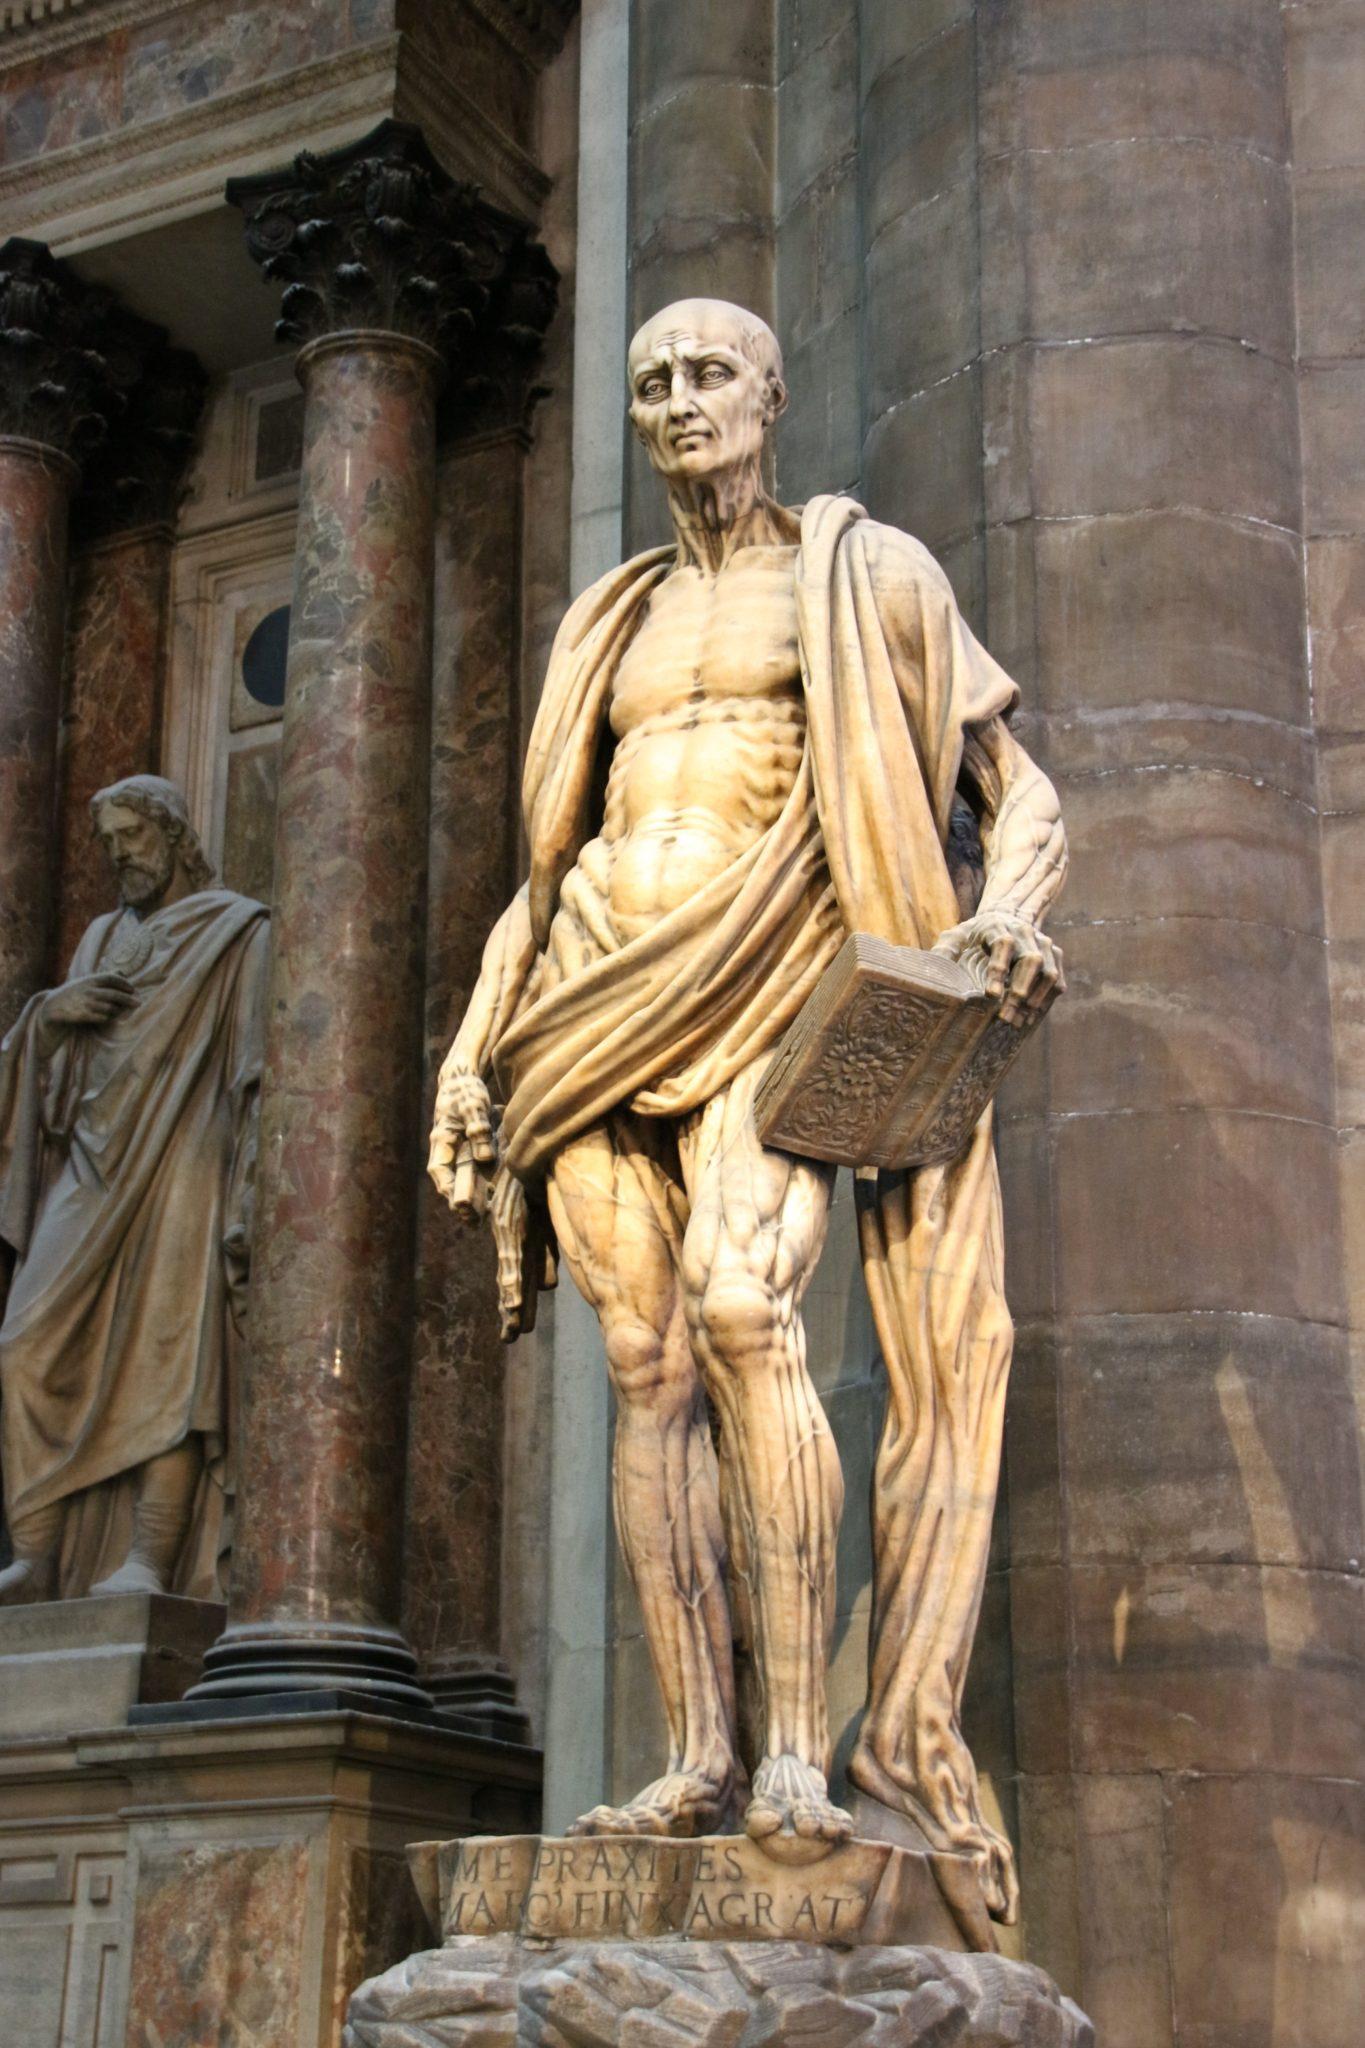 Saint Bartholomew Flayed, Milano Duomo, Italy